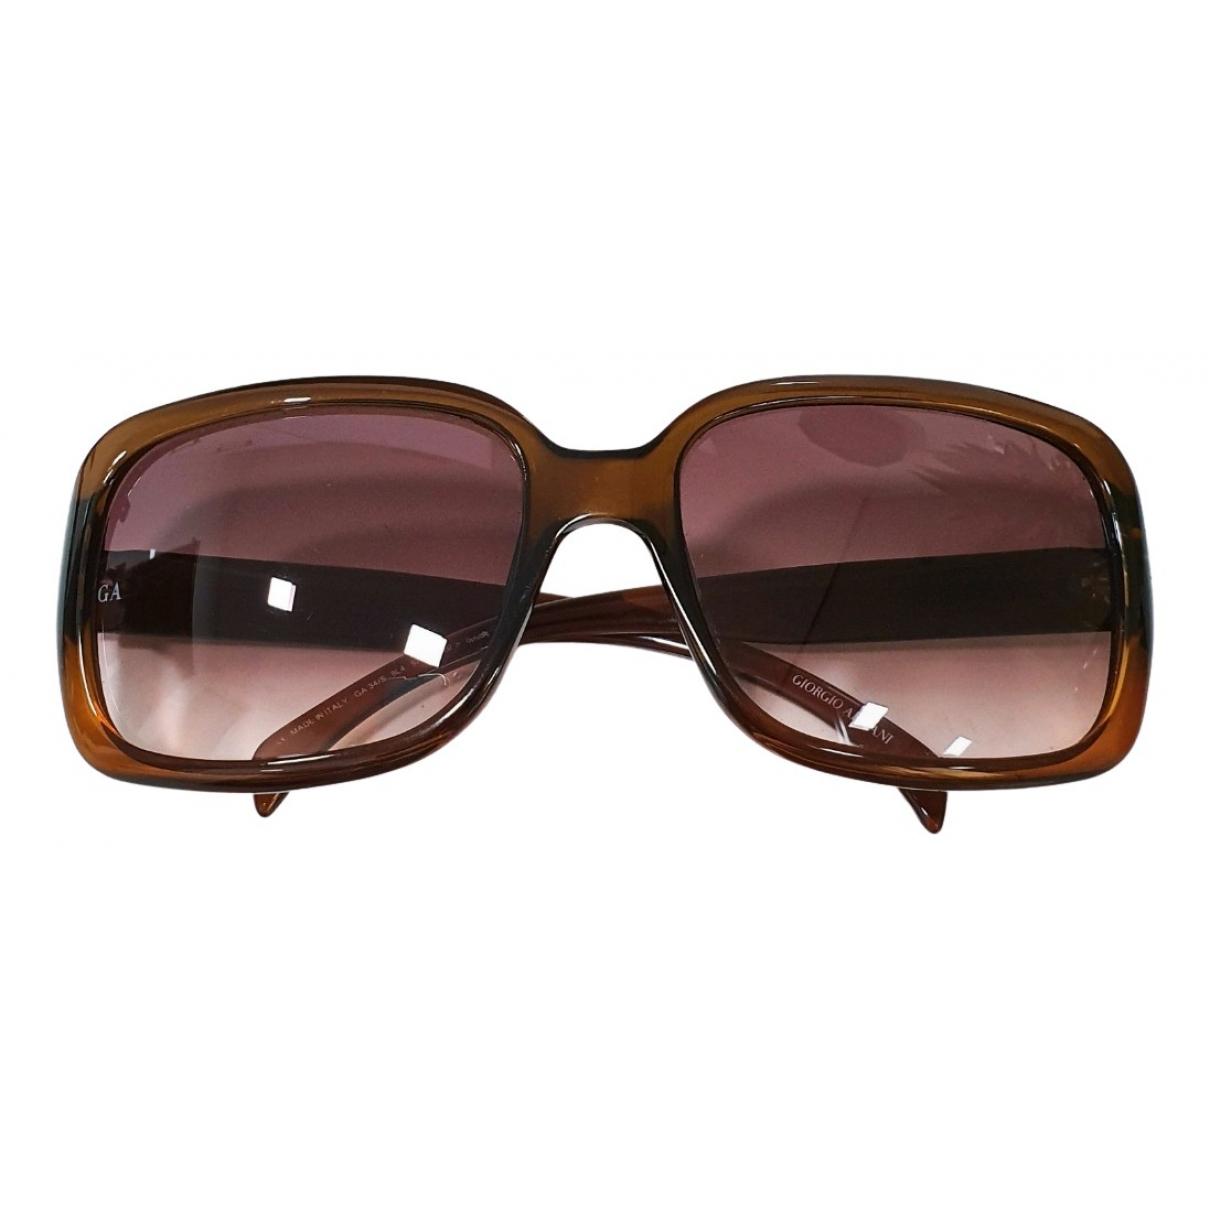 Giorgio Armani - Lunettes   pour femme en autre - marron